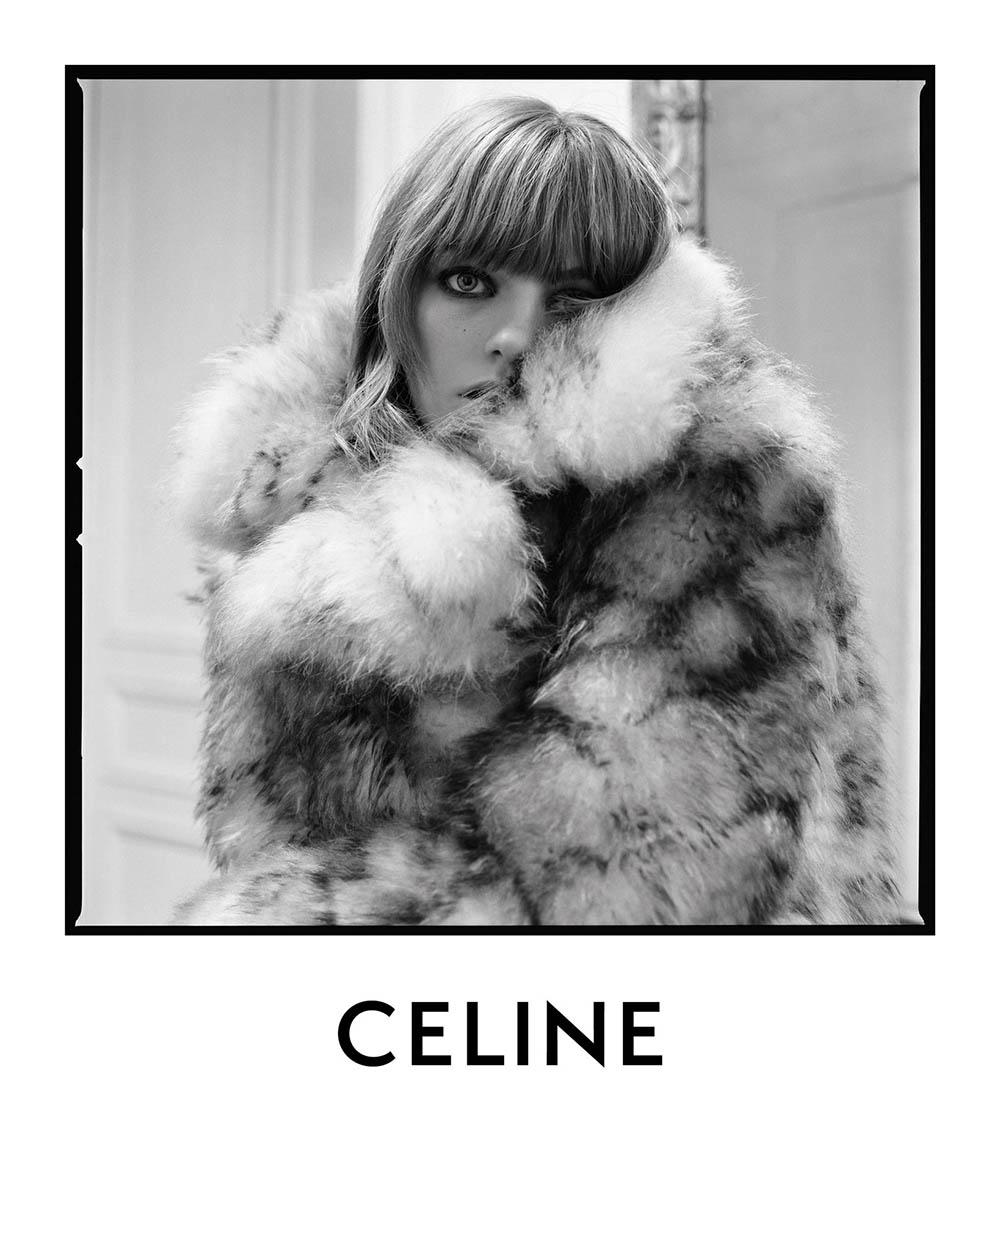 Celine Spring Summer 2020 Campaign